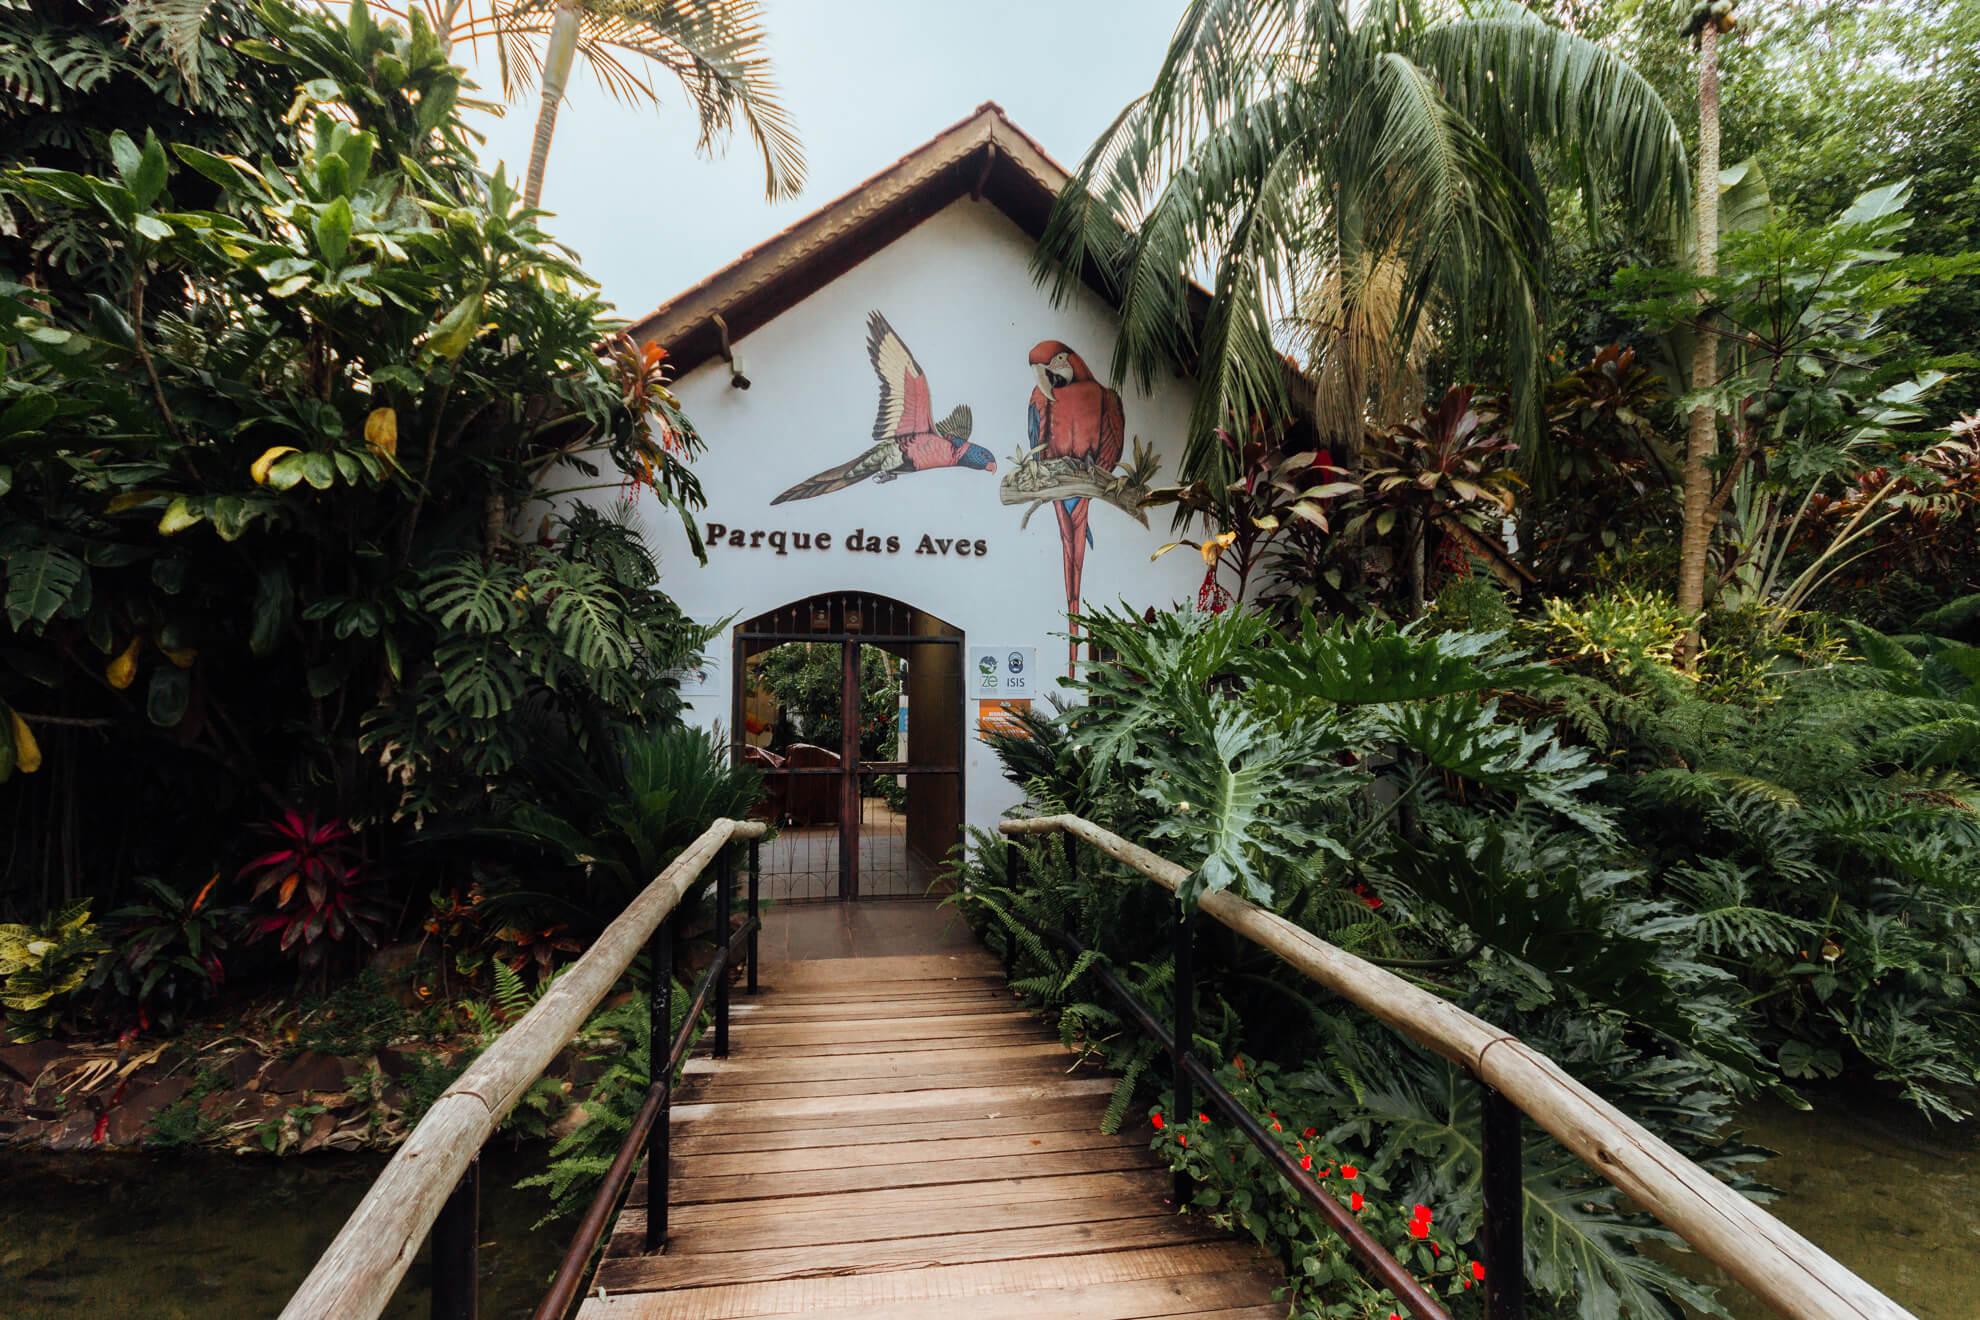 Parque das Aves, Foz do Iguaçu | entrada do Parque